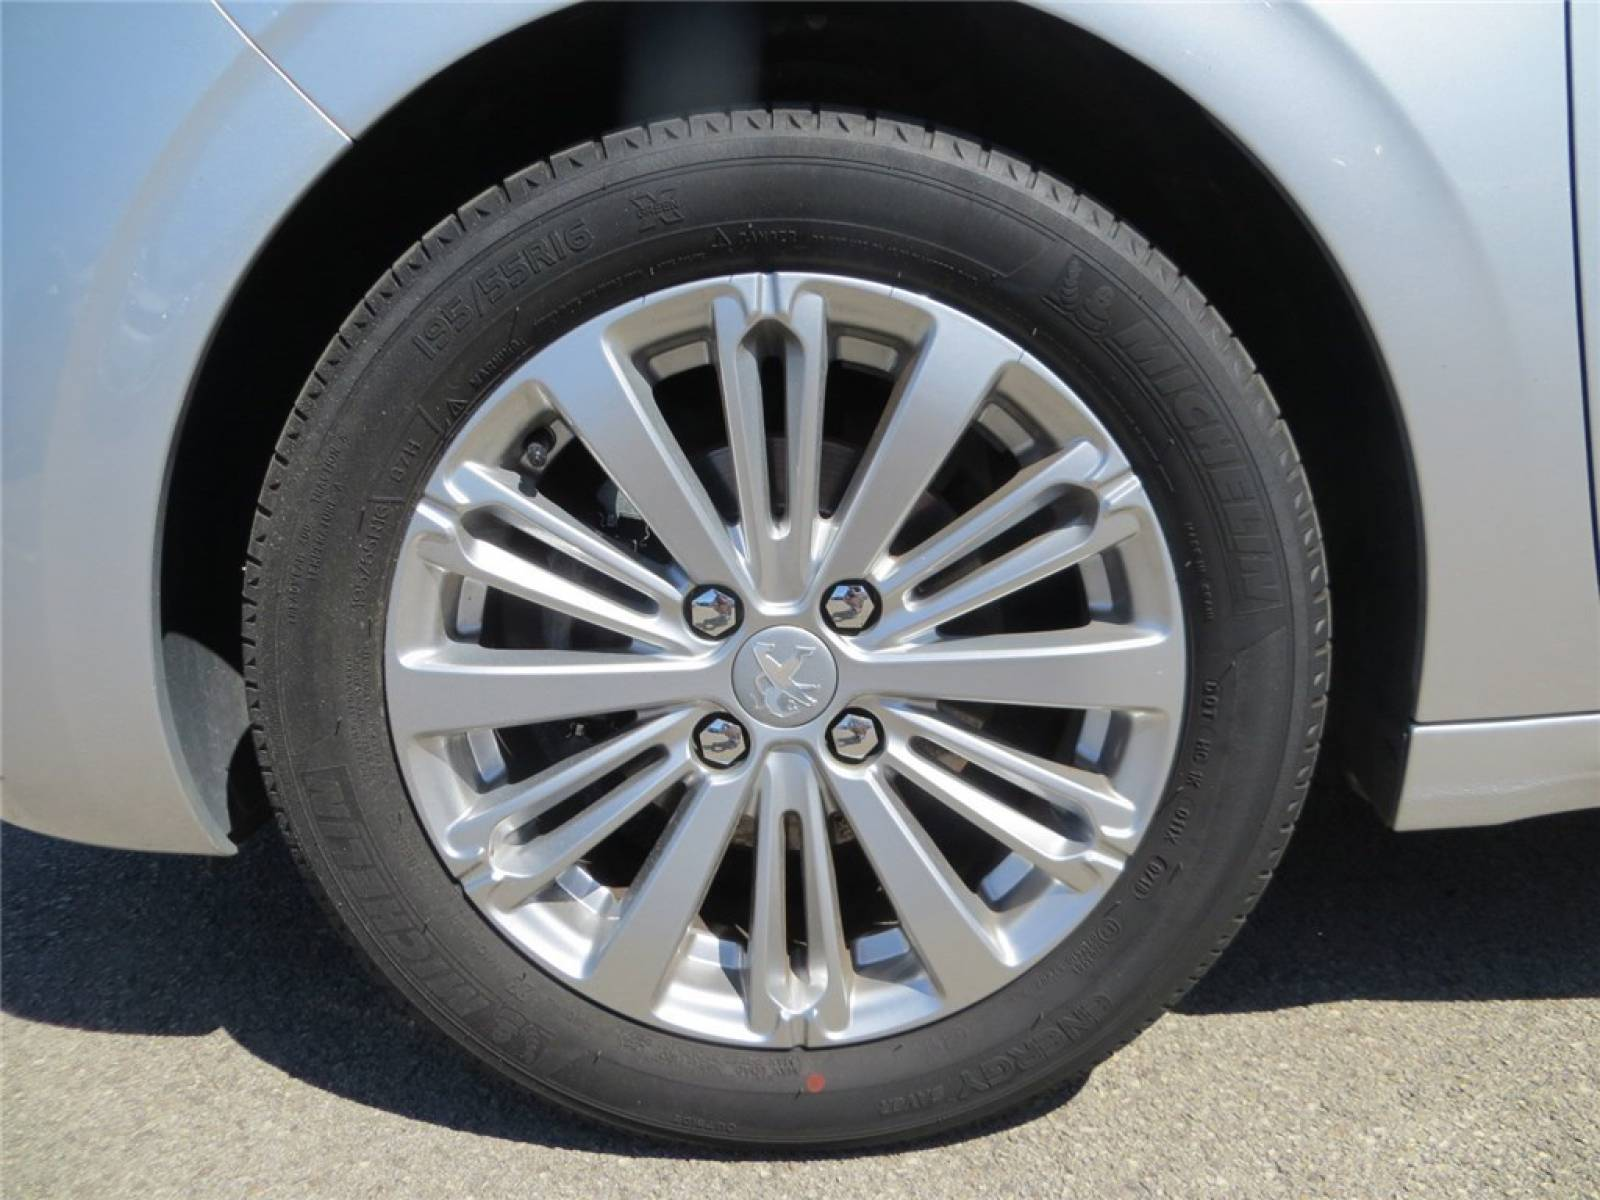 PEUGEOT 208 1.2 PureTech 82ch BVM5 - véhicule d'occasion - Groupe Guillet - Opel Magicauto - Chalon-sur-Saône - 71380 - Saint-Marcel - 5